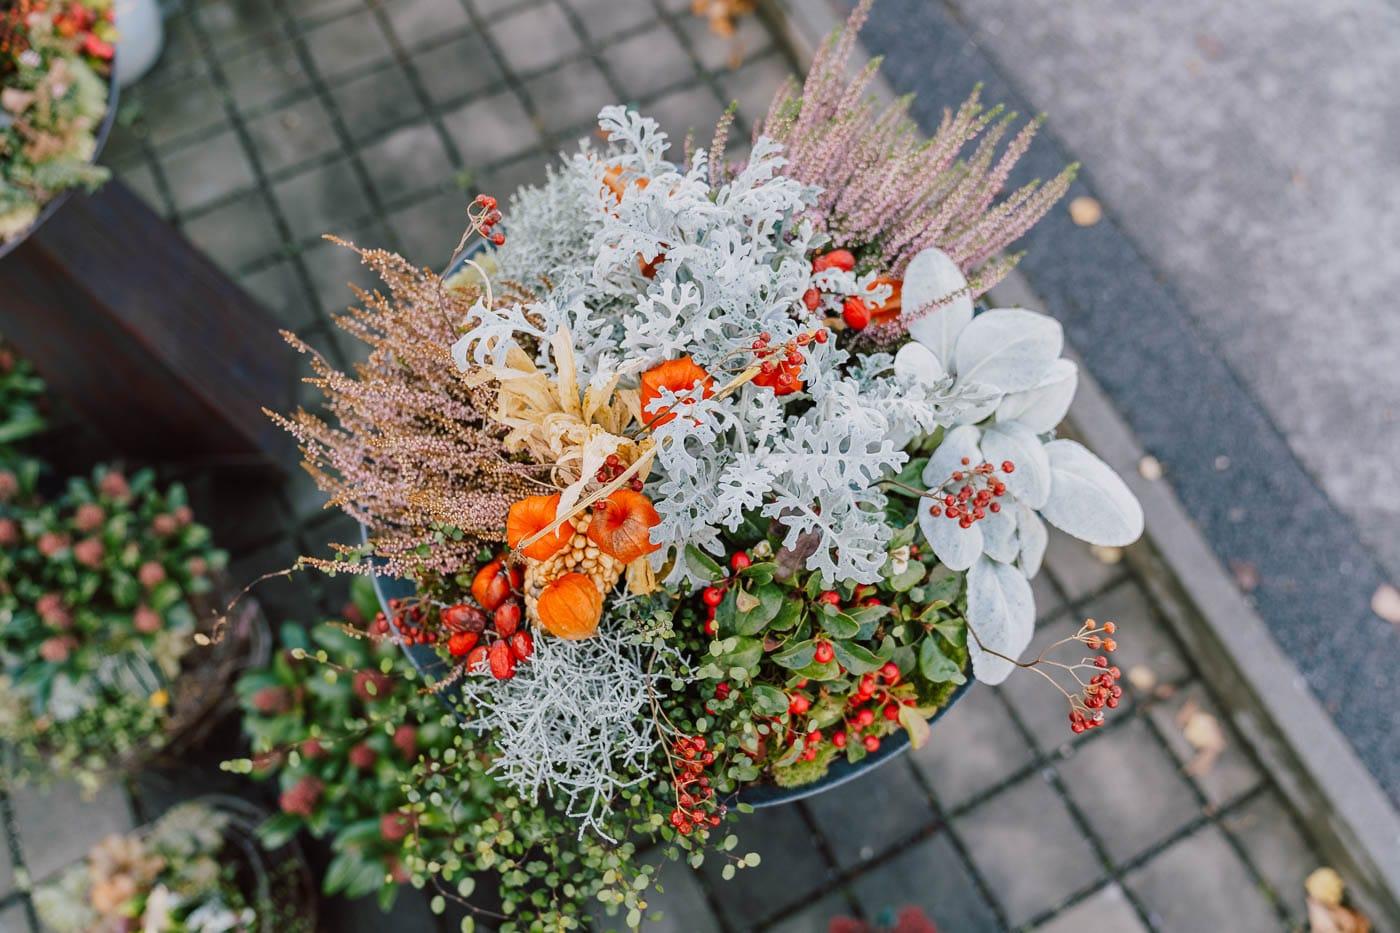 blumen-gaby-strohmeier-graz-saisonales-13